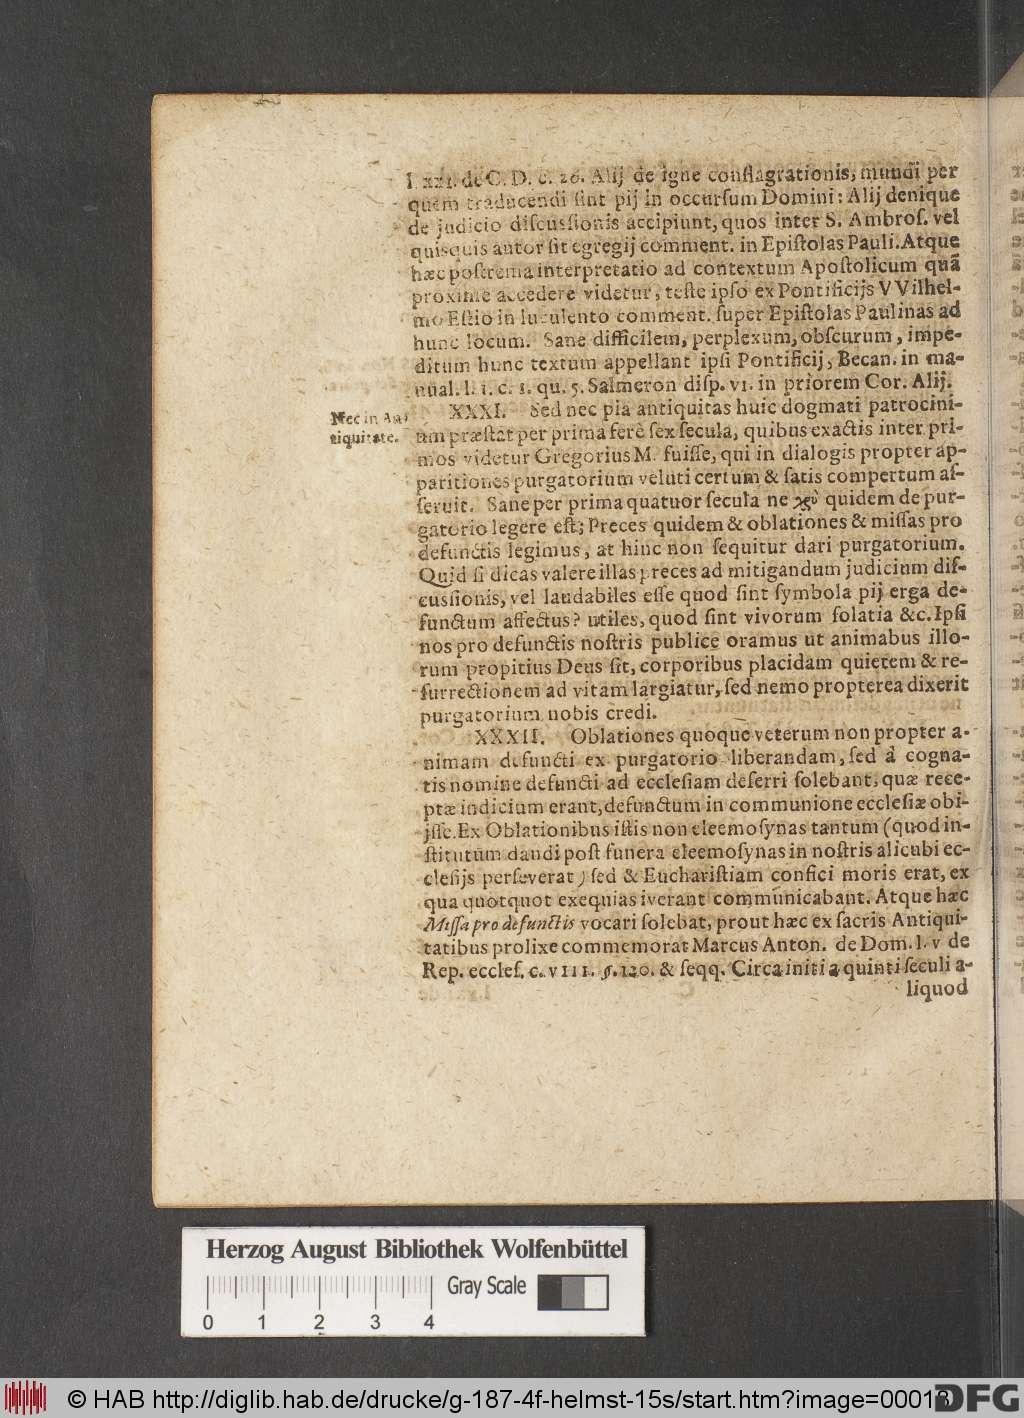 http://diglib.hab.de/drucke/g-187-4f-helmst-15s/00018.jpg